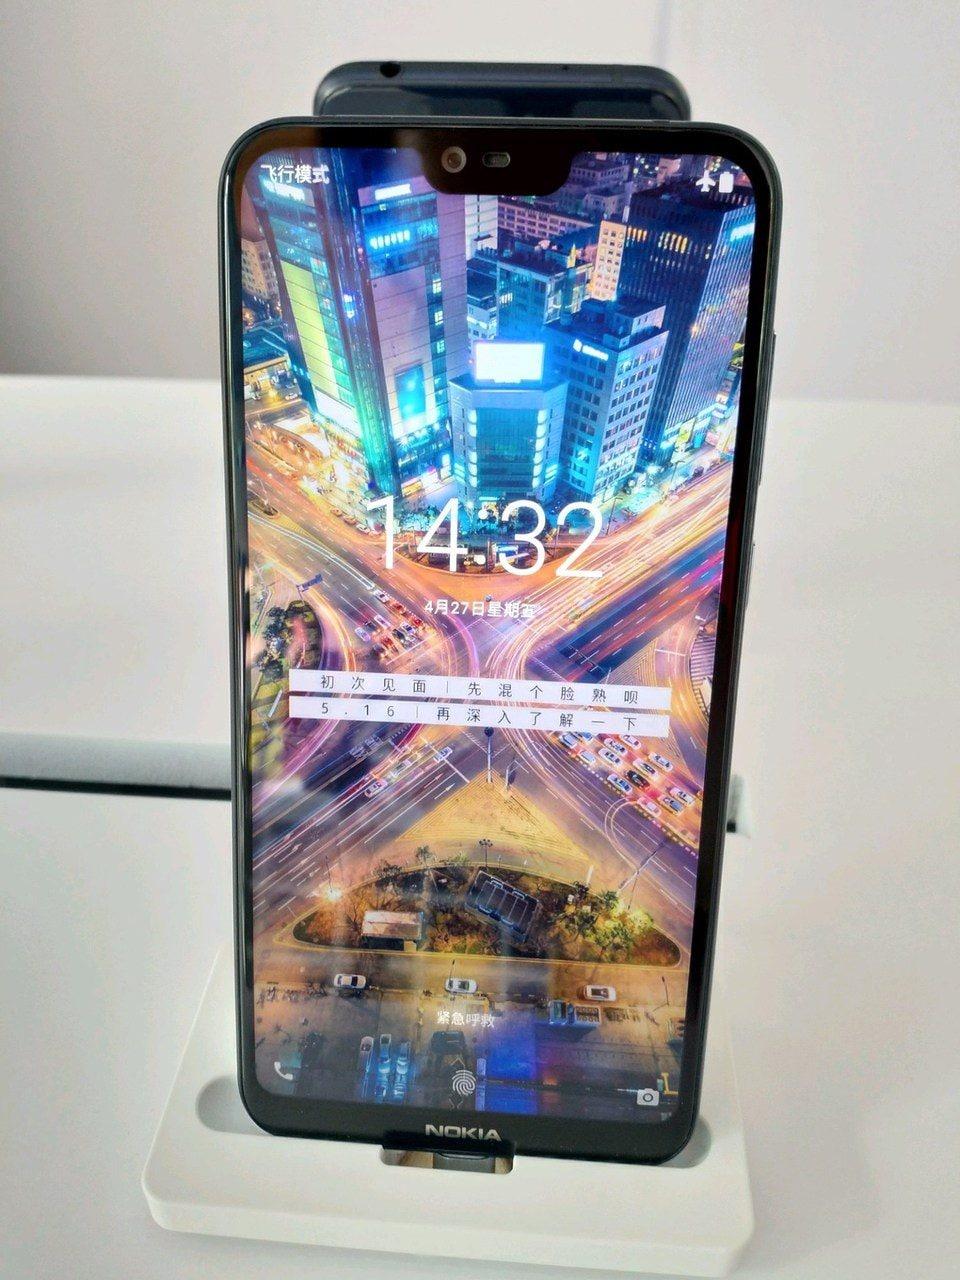 E niente, anche Nokia ha ceduto al notch: trapelate le prime immagini di X6 (foto)